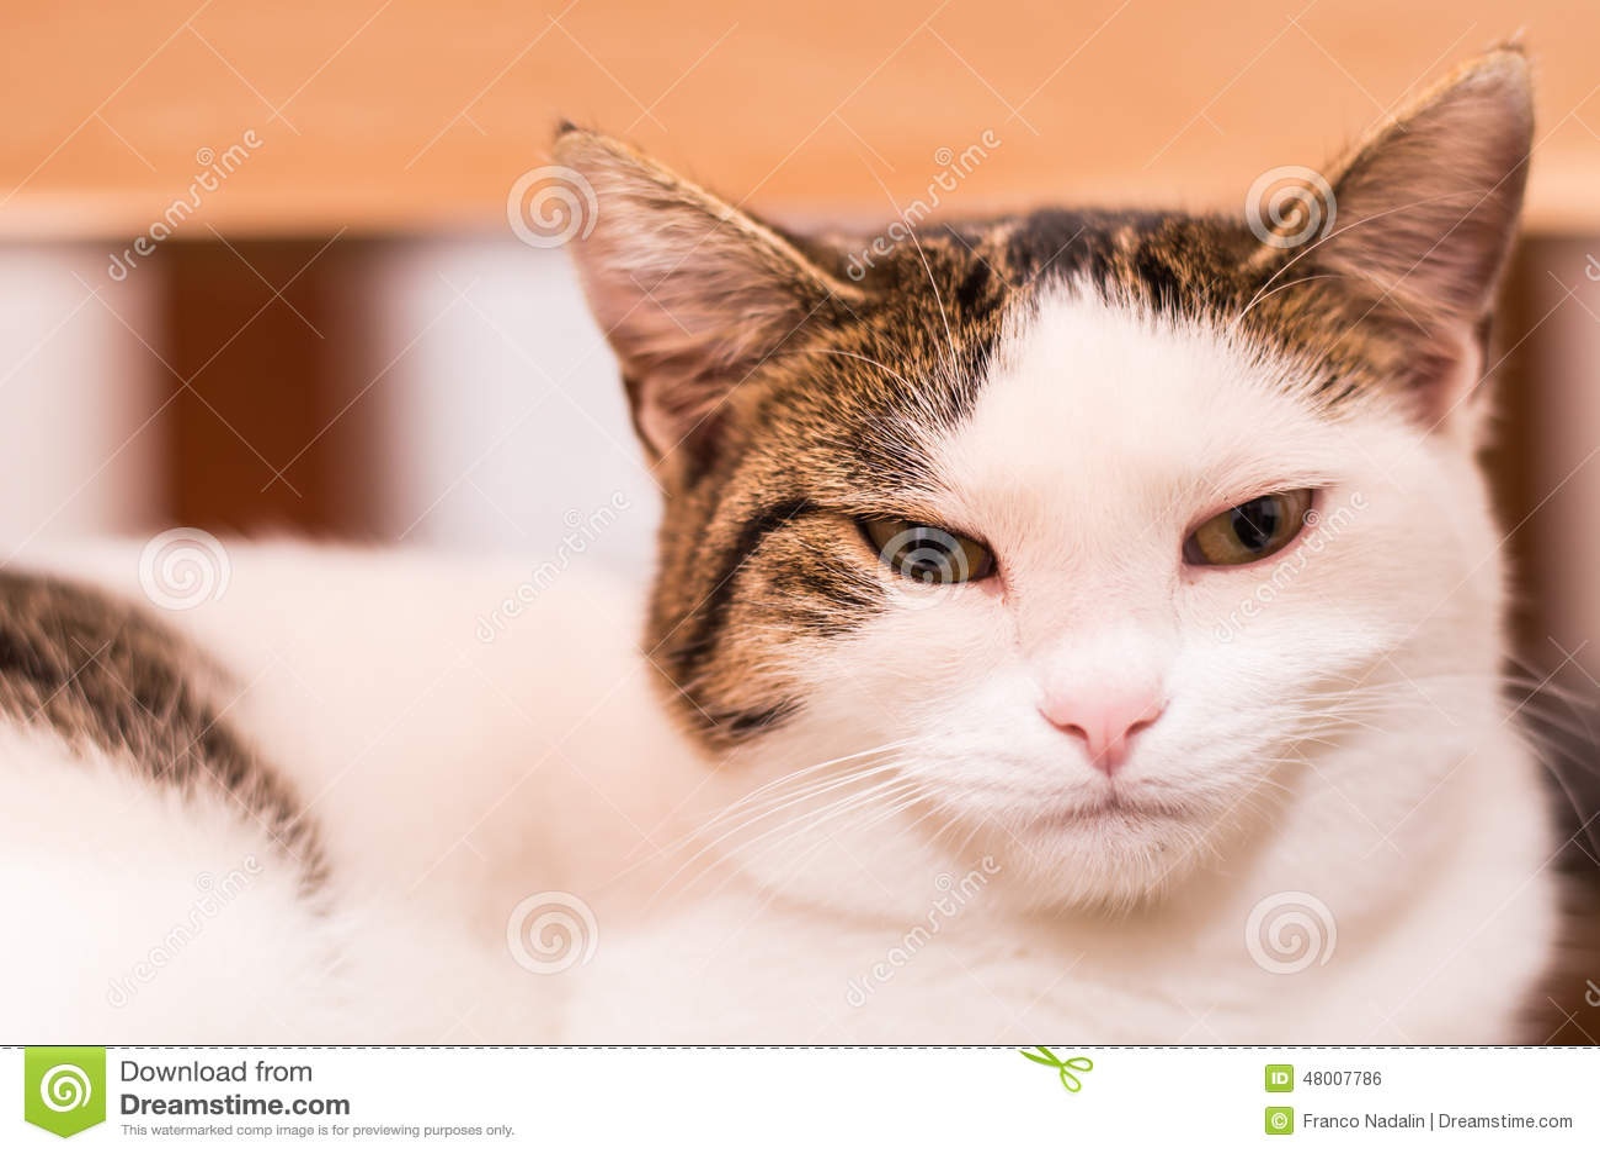 double paw cat